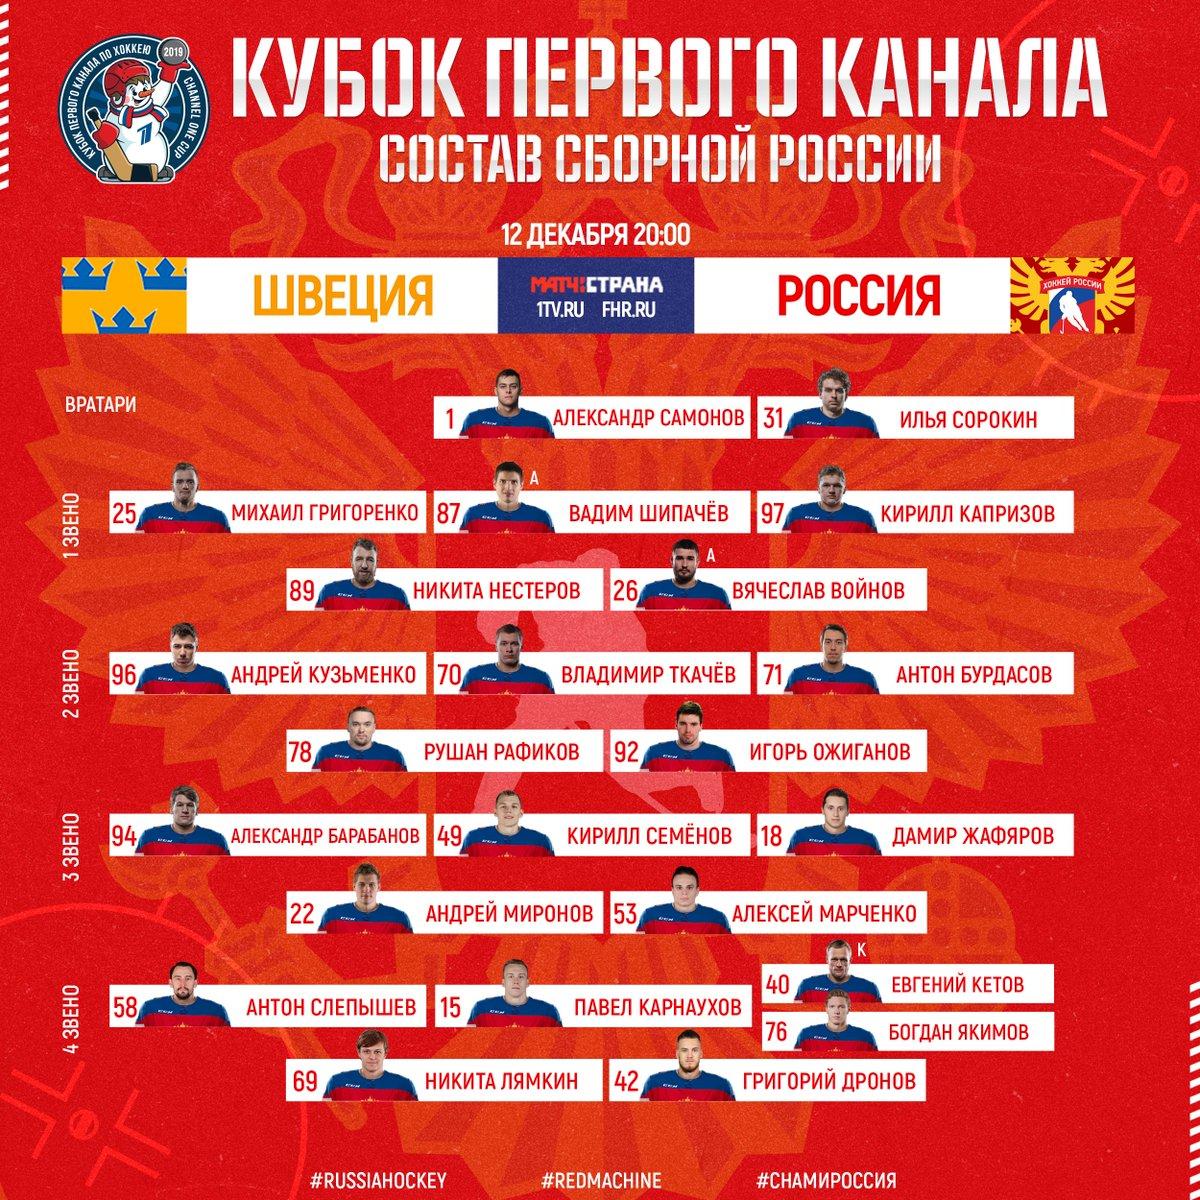 Состав сборной России на матч со Швецией